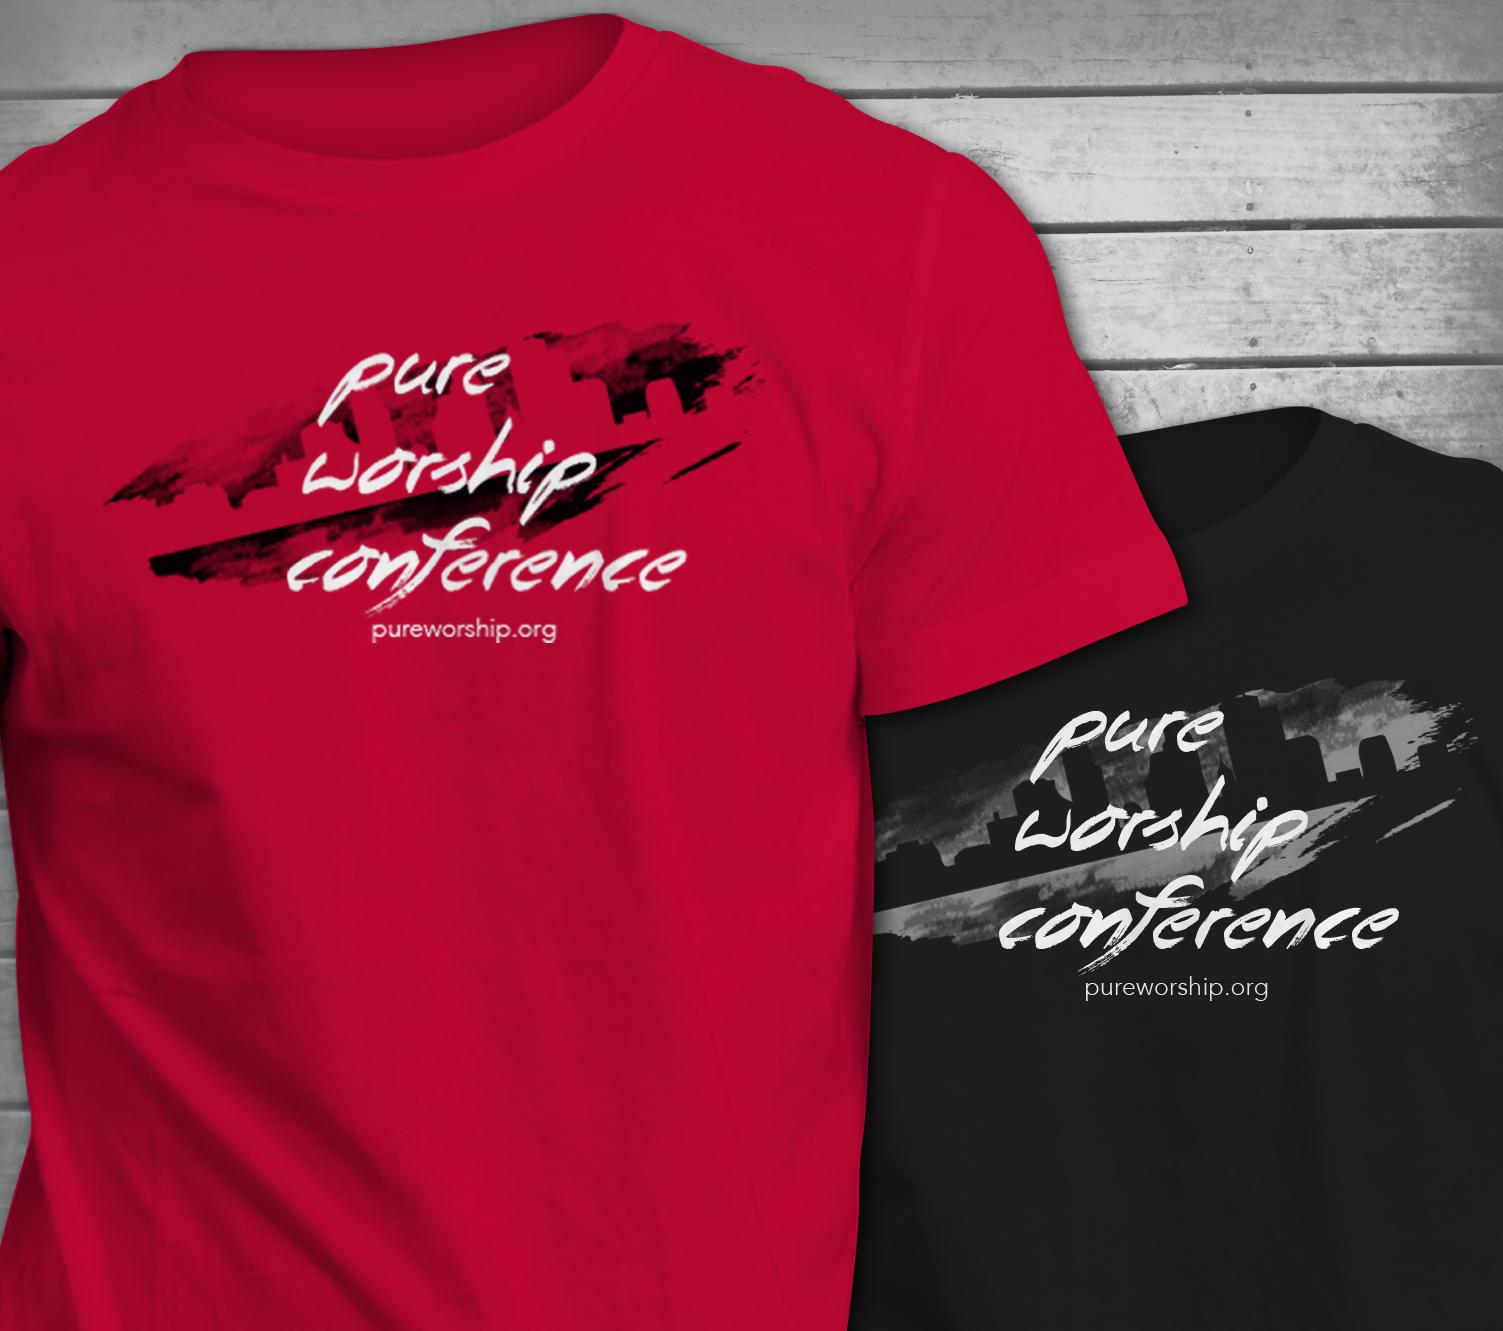 PureWorshipConference_T-shirt Mockup.jpg